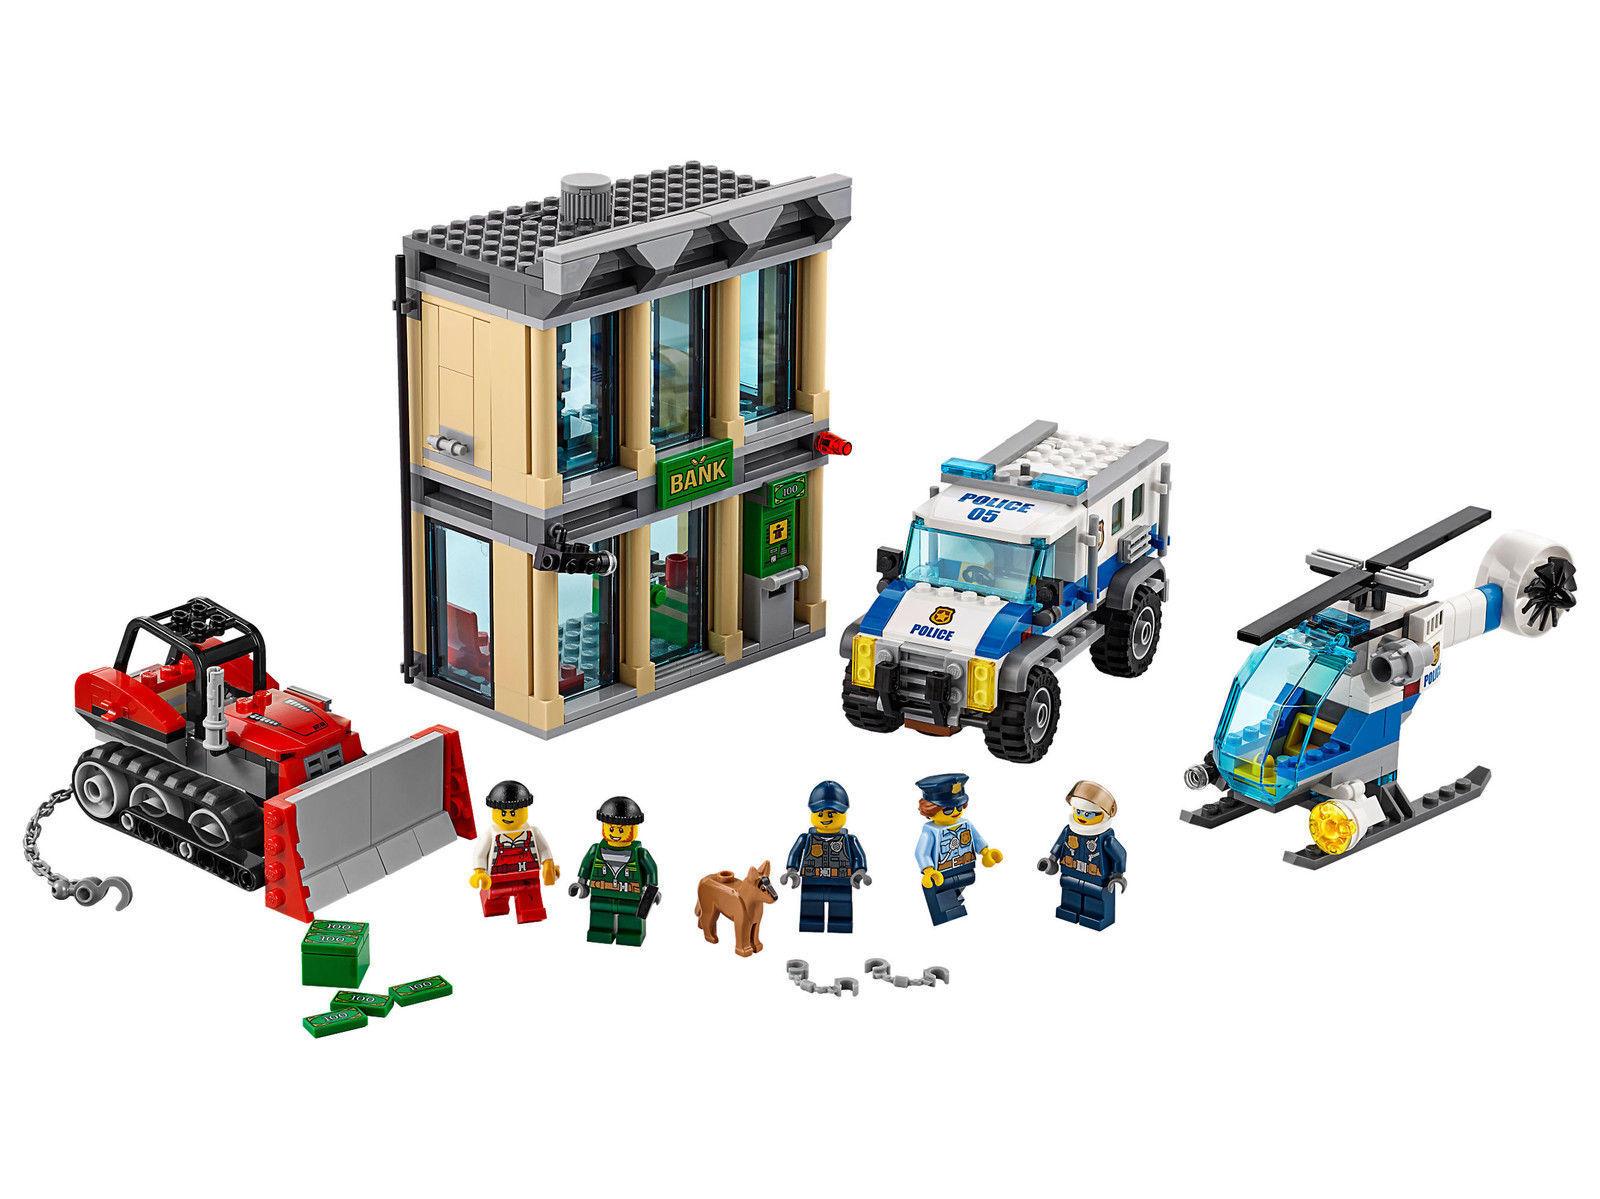 Lego City Police Bulldozer Break-in 60140